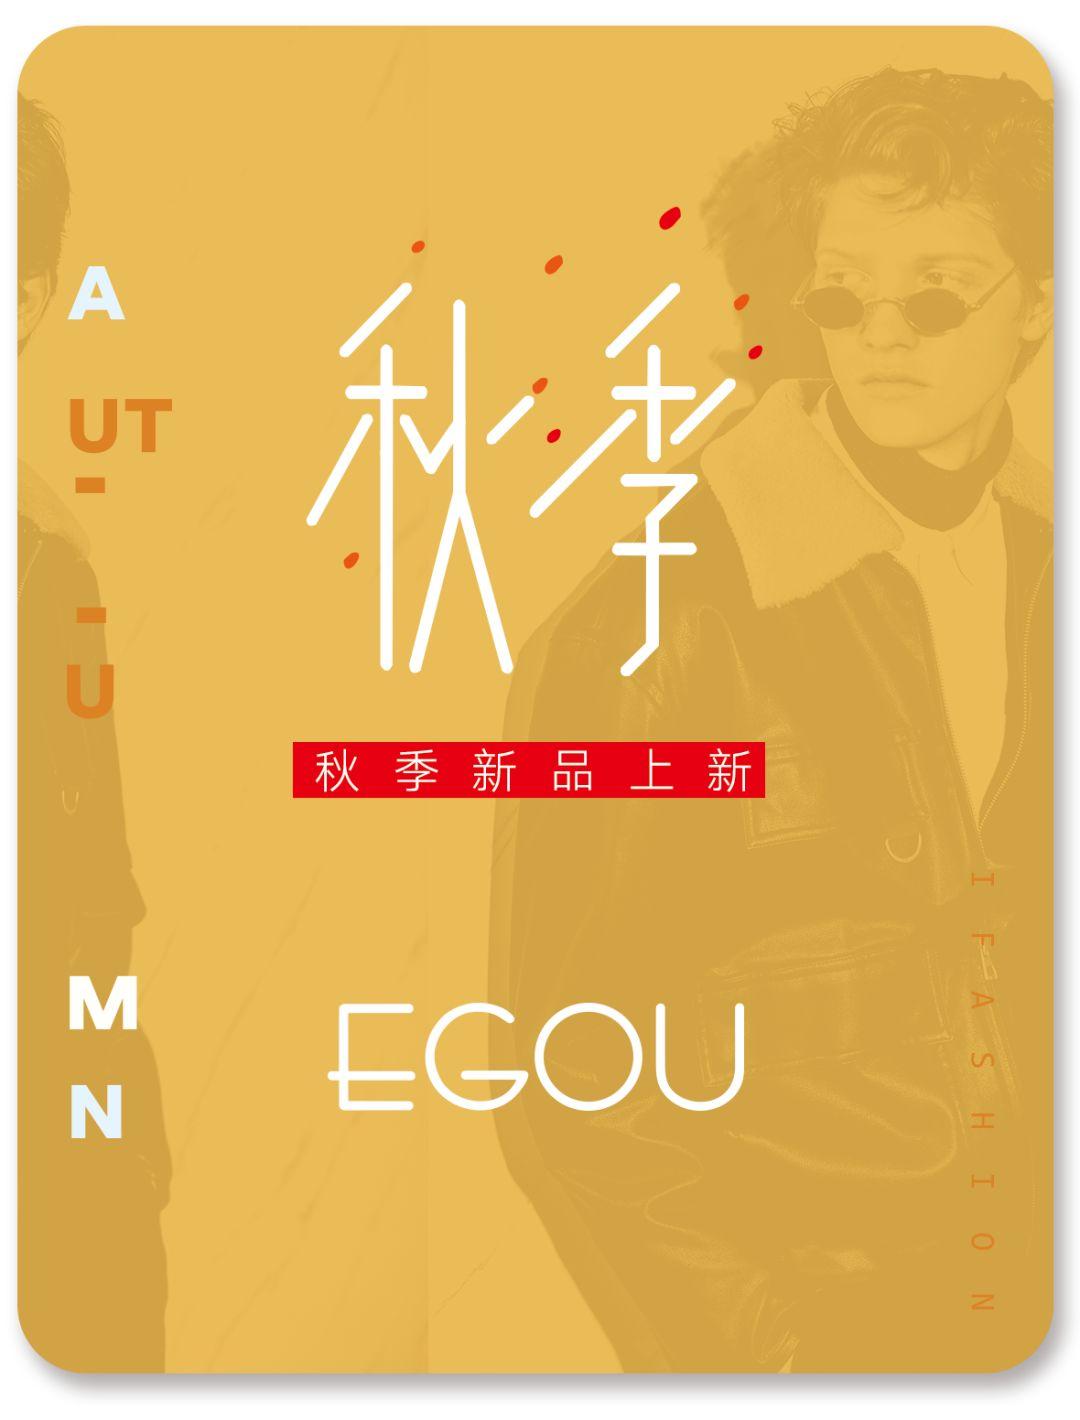 秋/EGOU新款为你加持 秋季新品部分门店已上市